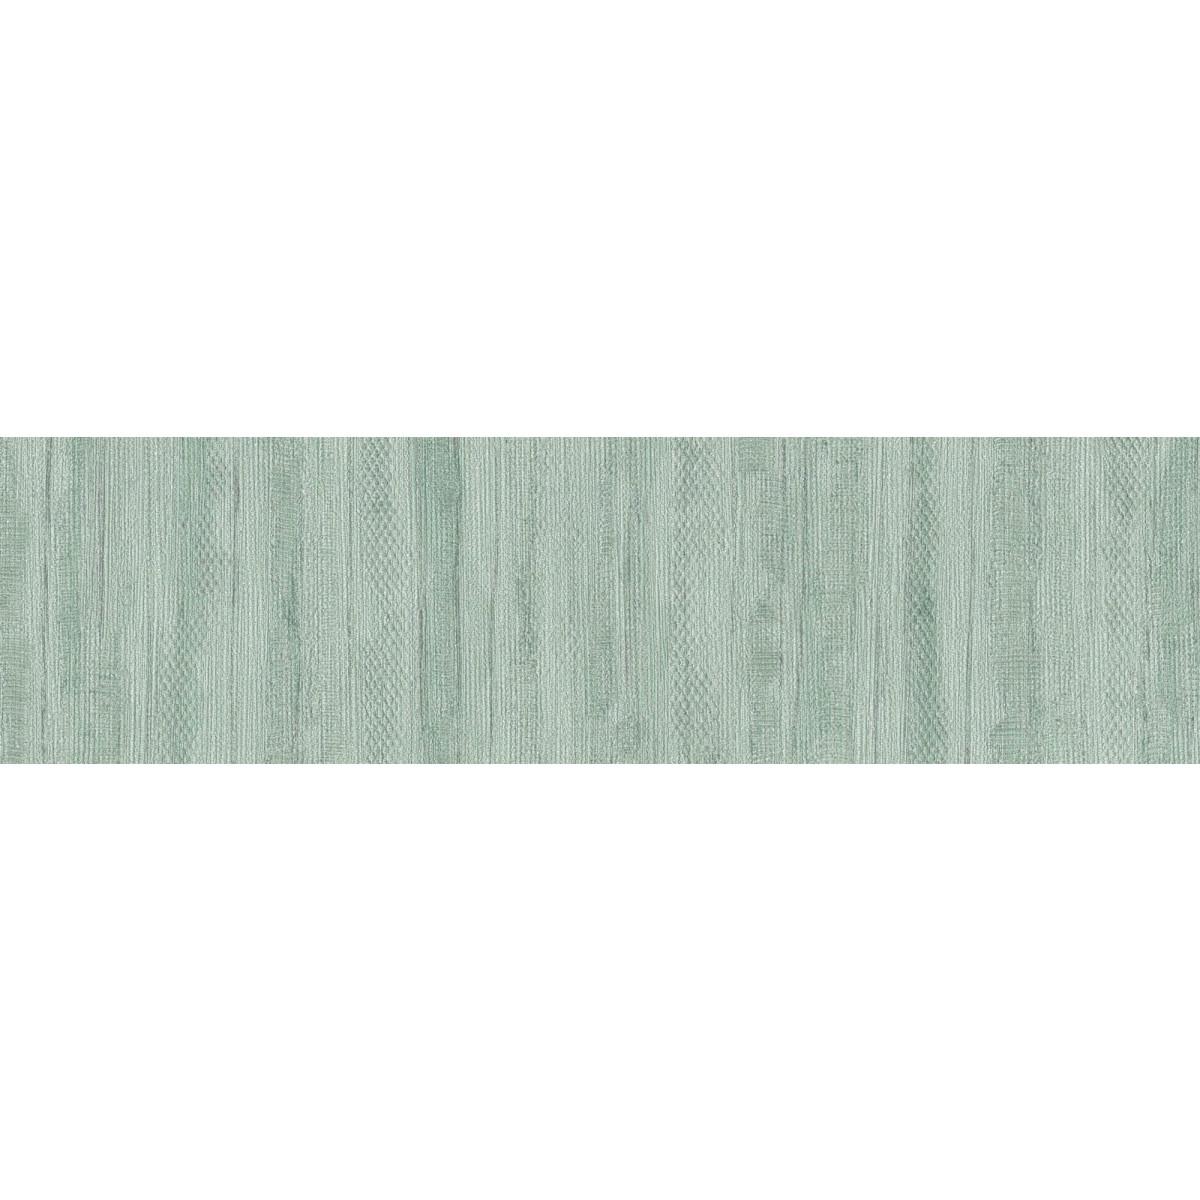 Обои виниловые Gaenari зеленые 1.06 м 88300-3